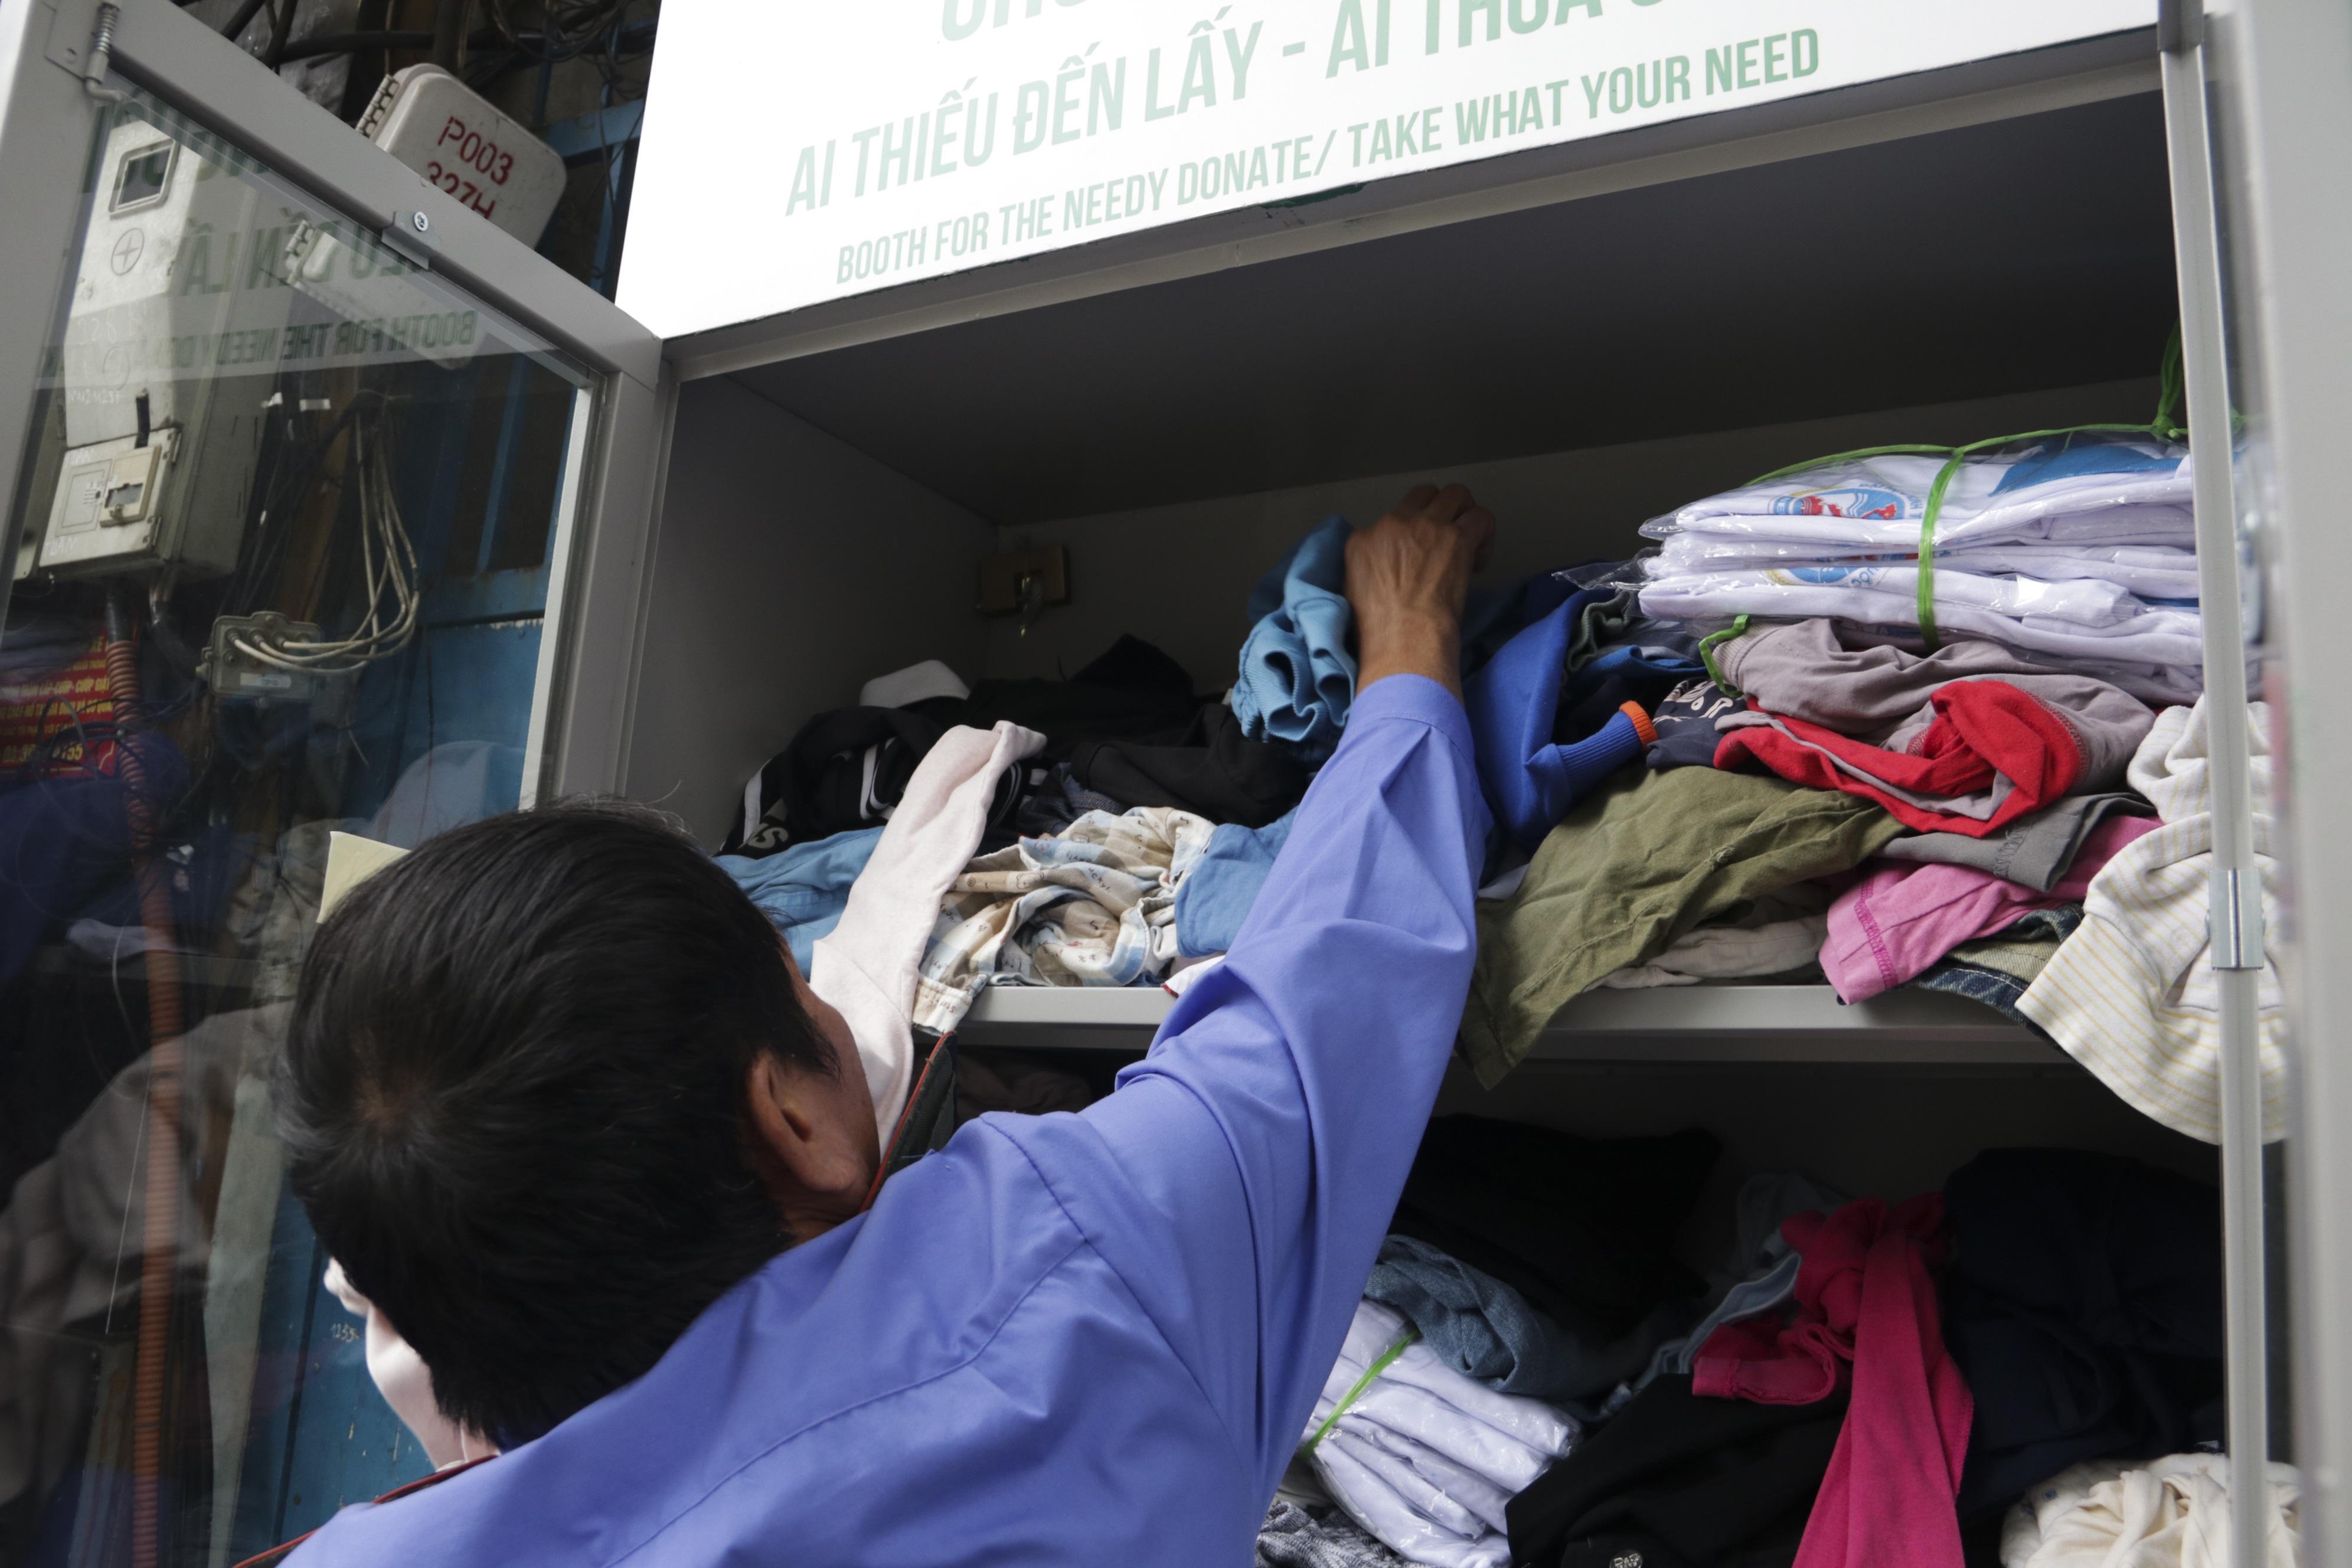 Hà Nội: Xuất hiện nhiều tủ quần áo 0 đồng dành cho người nghèo - 14